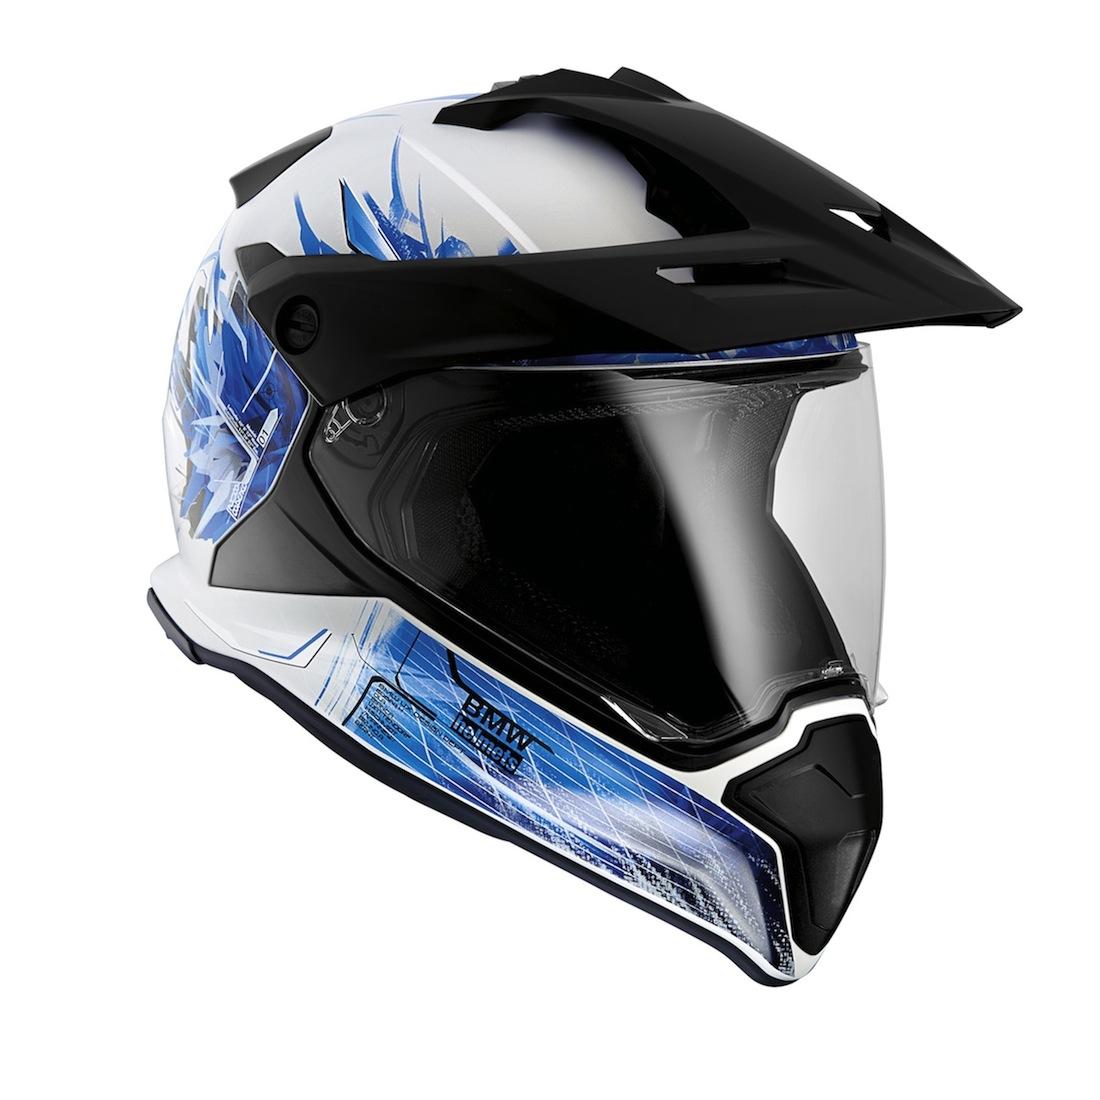 Le nouveau casque BMW GS. Disponible aussi dans d'autres coloris.